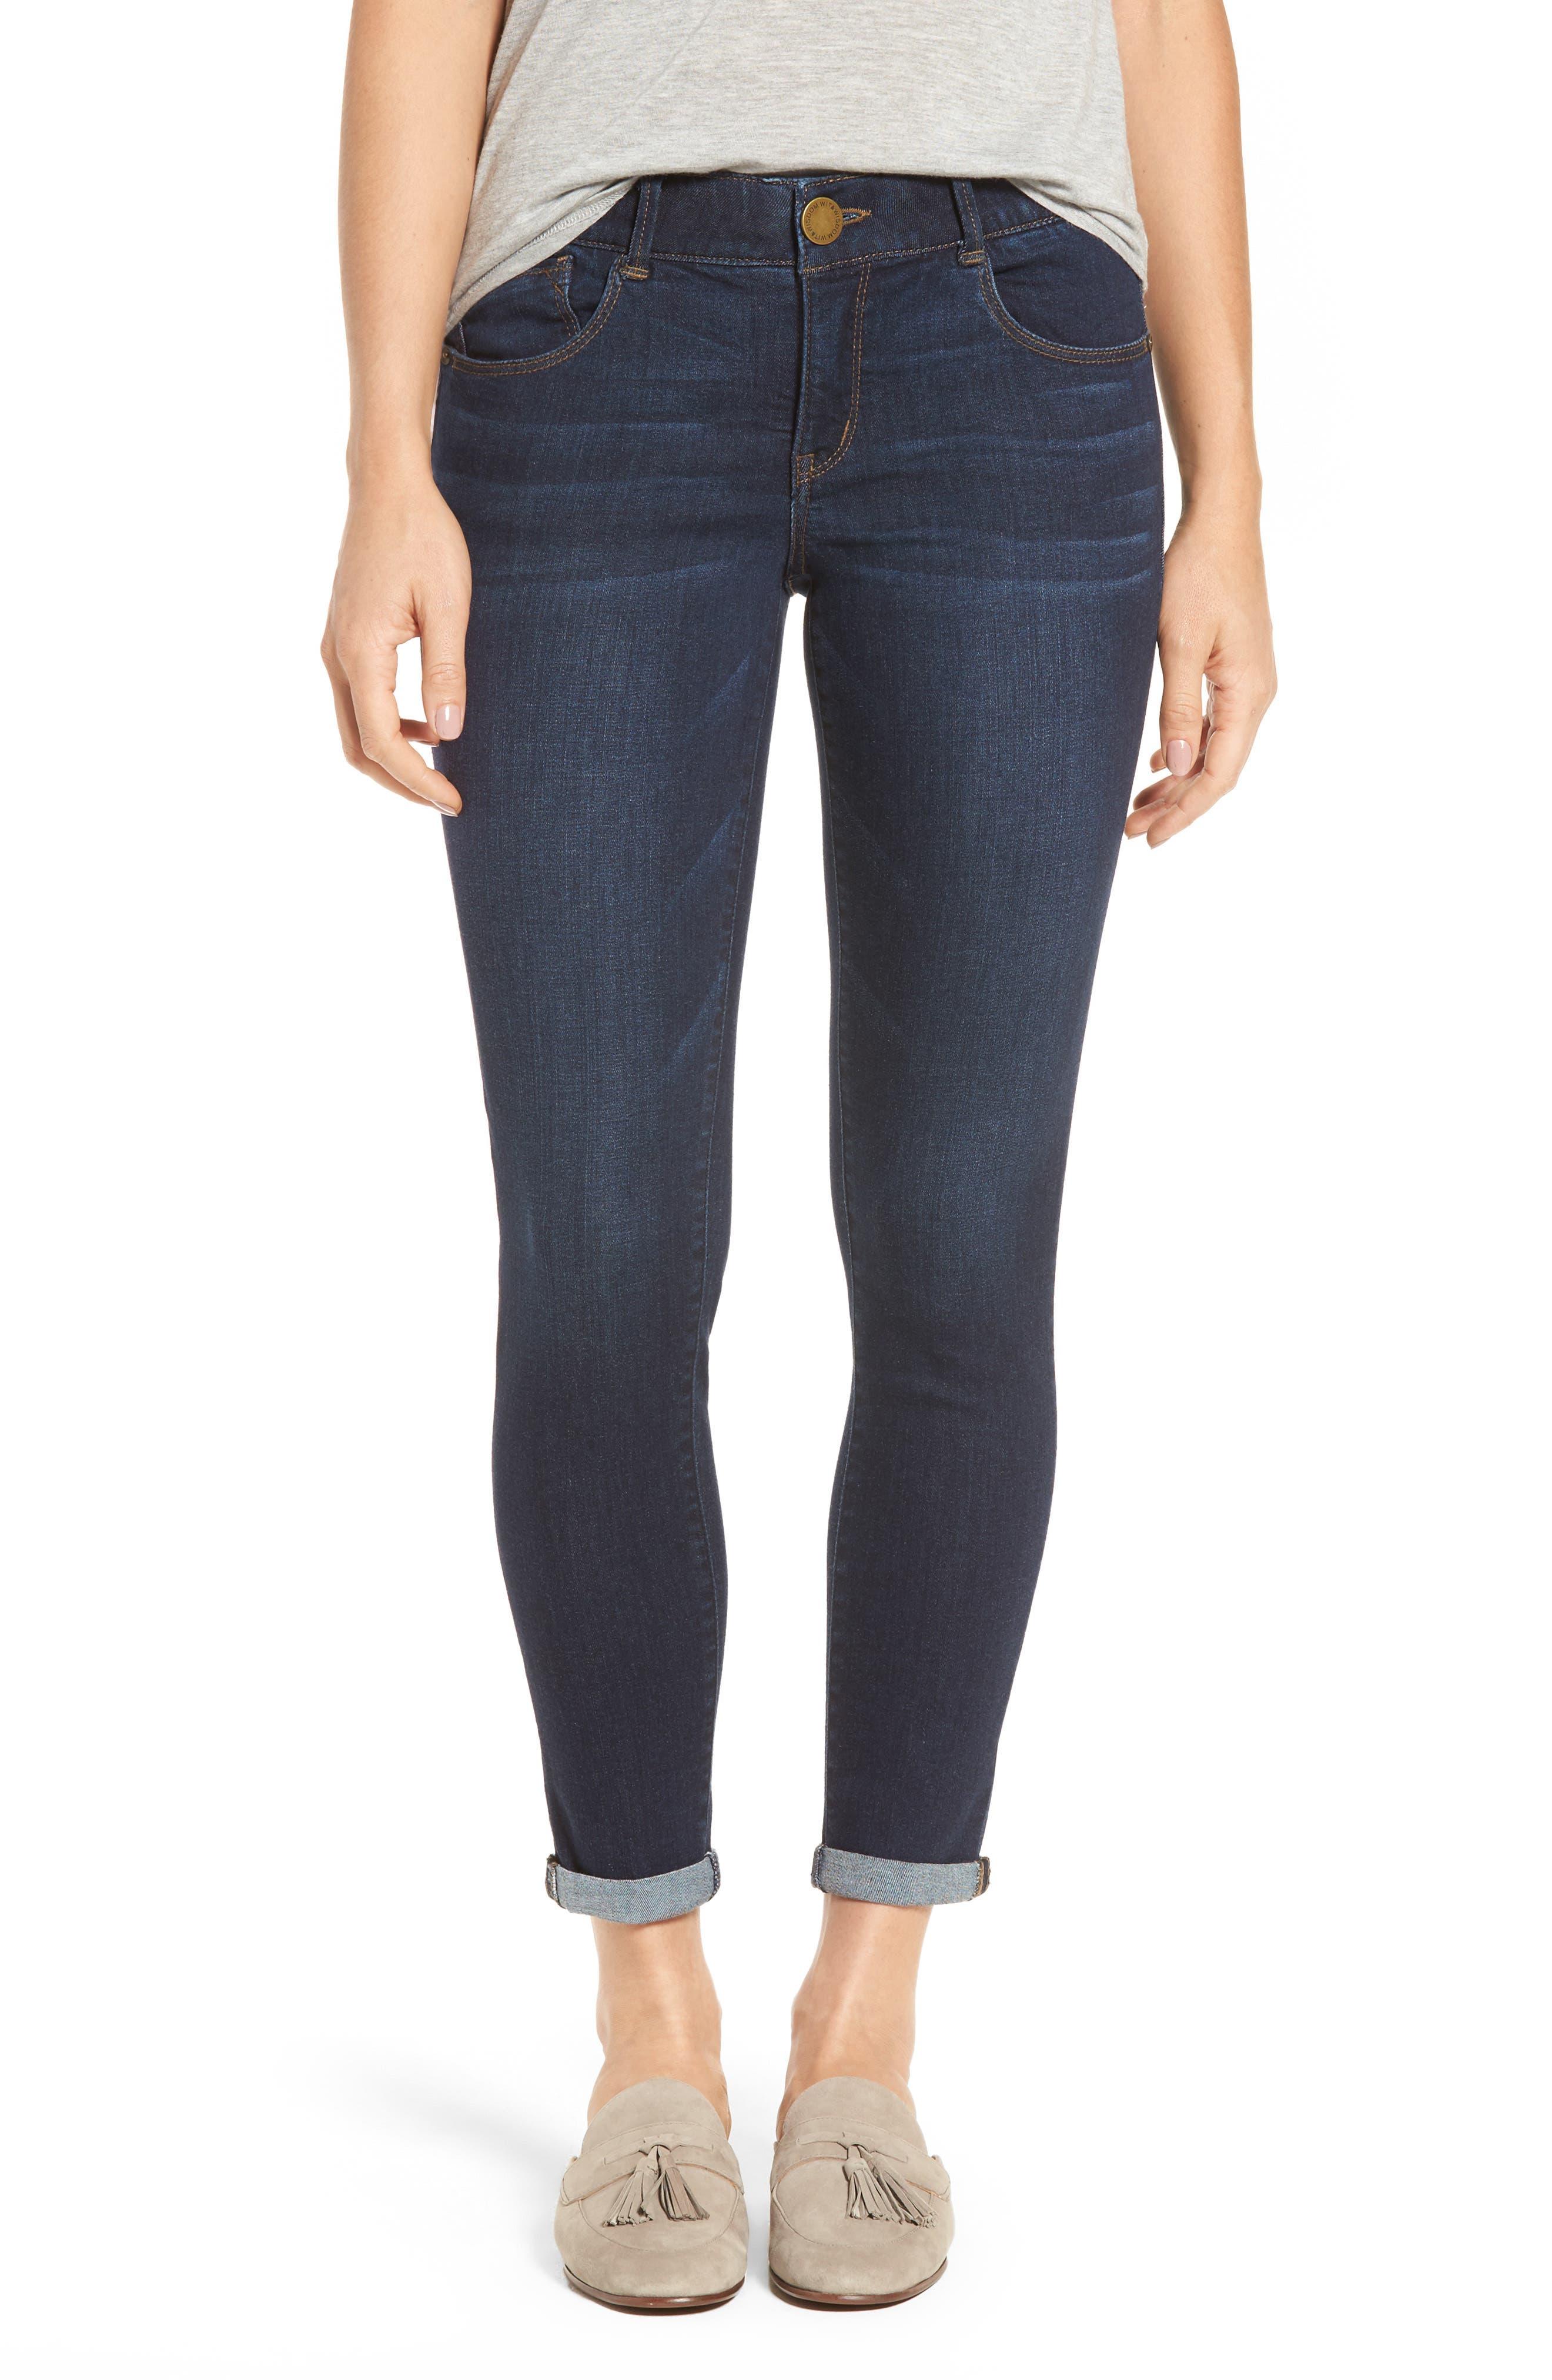 Ab-solution Boyfriend Ankle Jeans,                         Main,                         color,